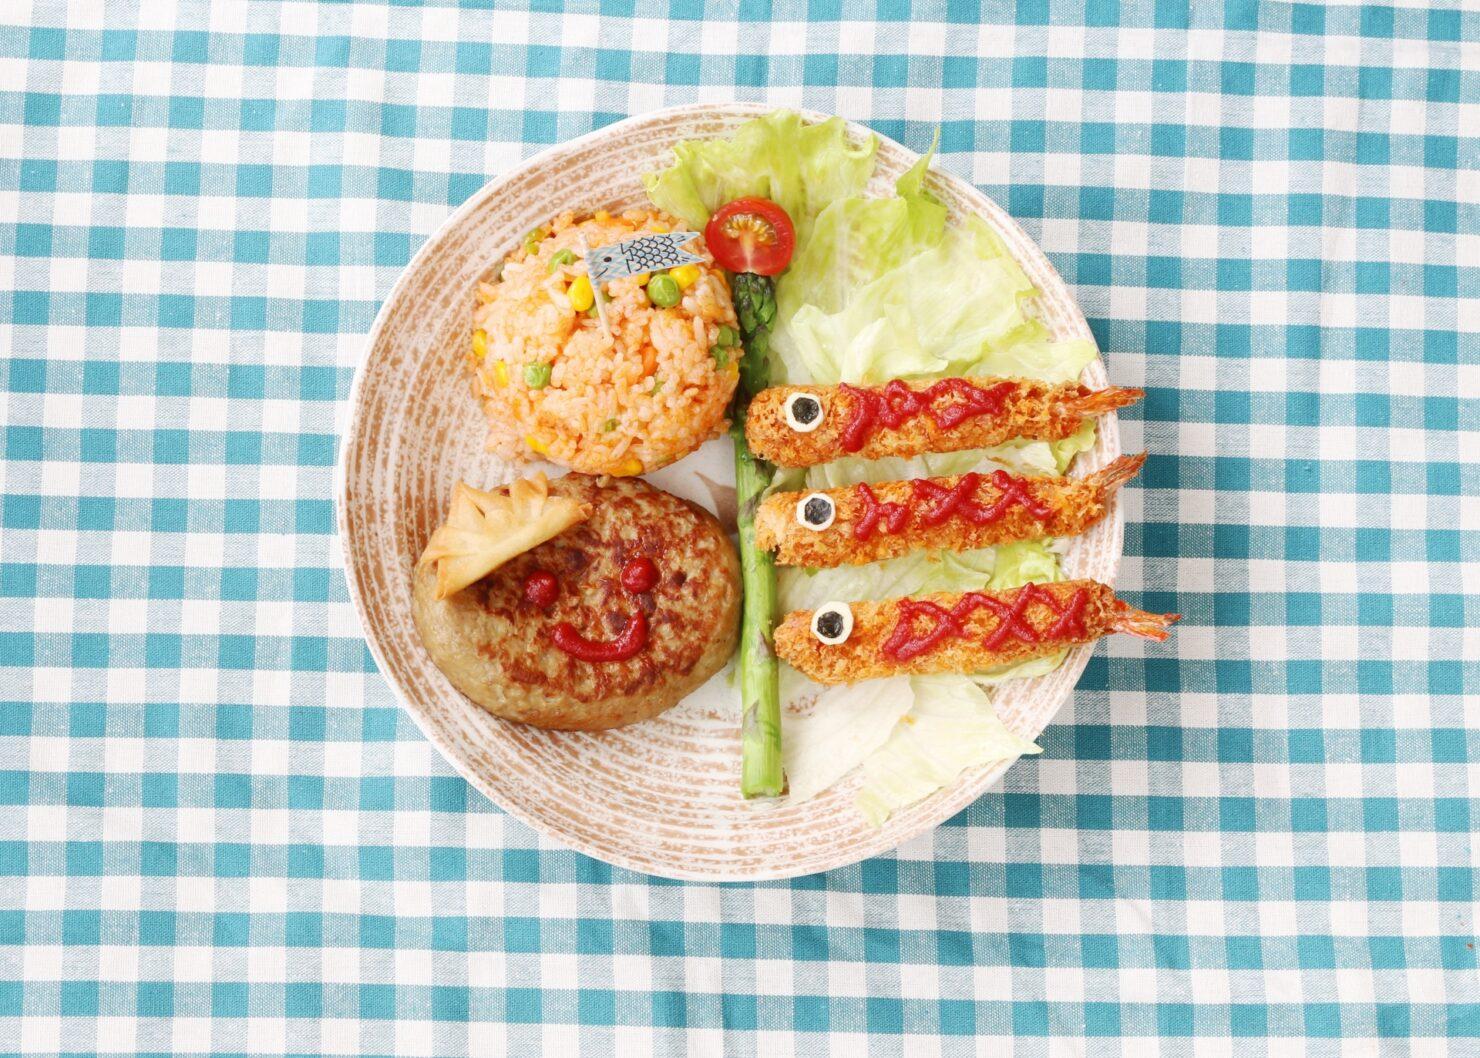 お子様ランチのおすすめレシピ9選 簡単かわいい人気のプレートレシピを大特集